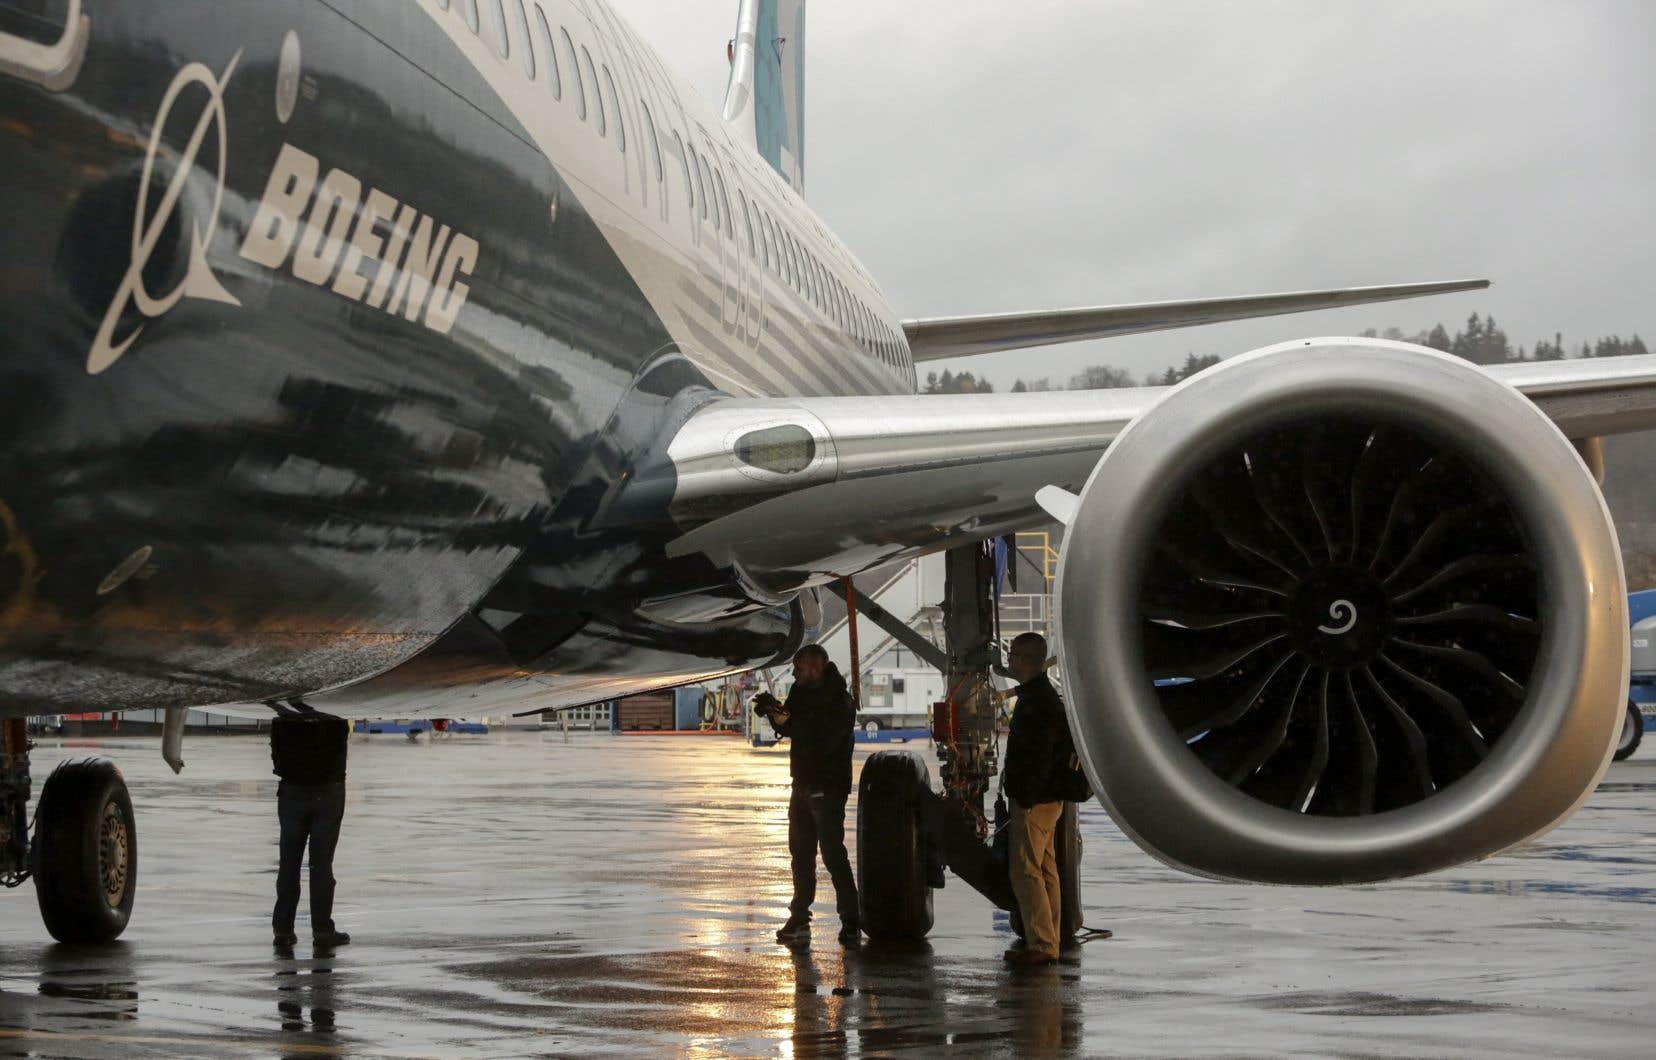 L'avion avait été interdit de vol en mars 2019 après deux accidents qui avaient fait 346 morts.